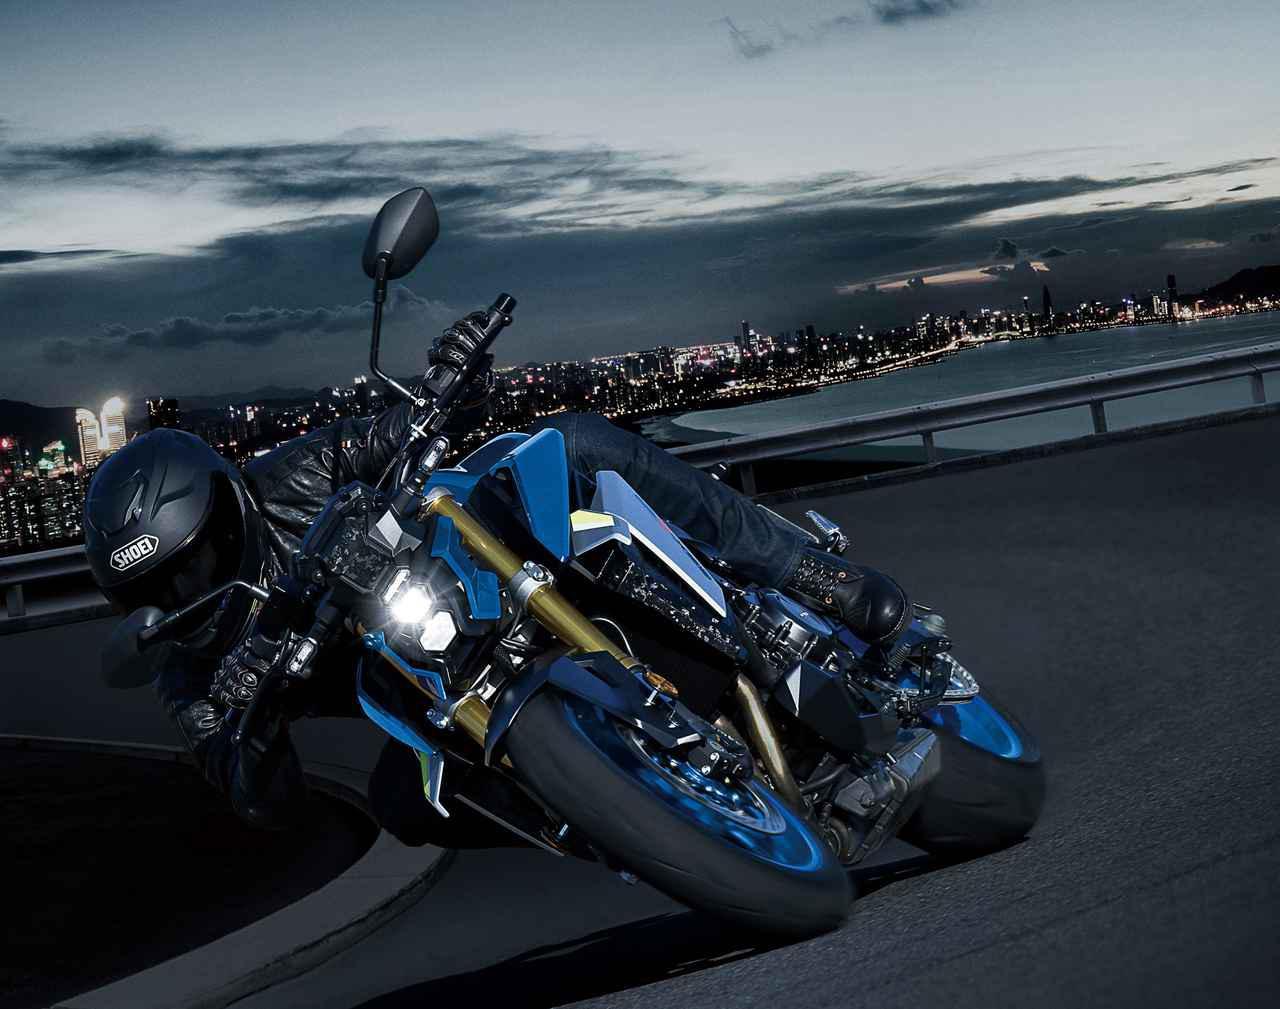 画像: 新型『GSX-S1000』はエンジンに注目! 最高出力アップより注目したいのは? - スズキのバイク!